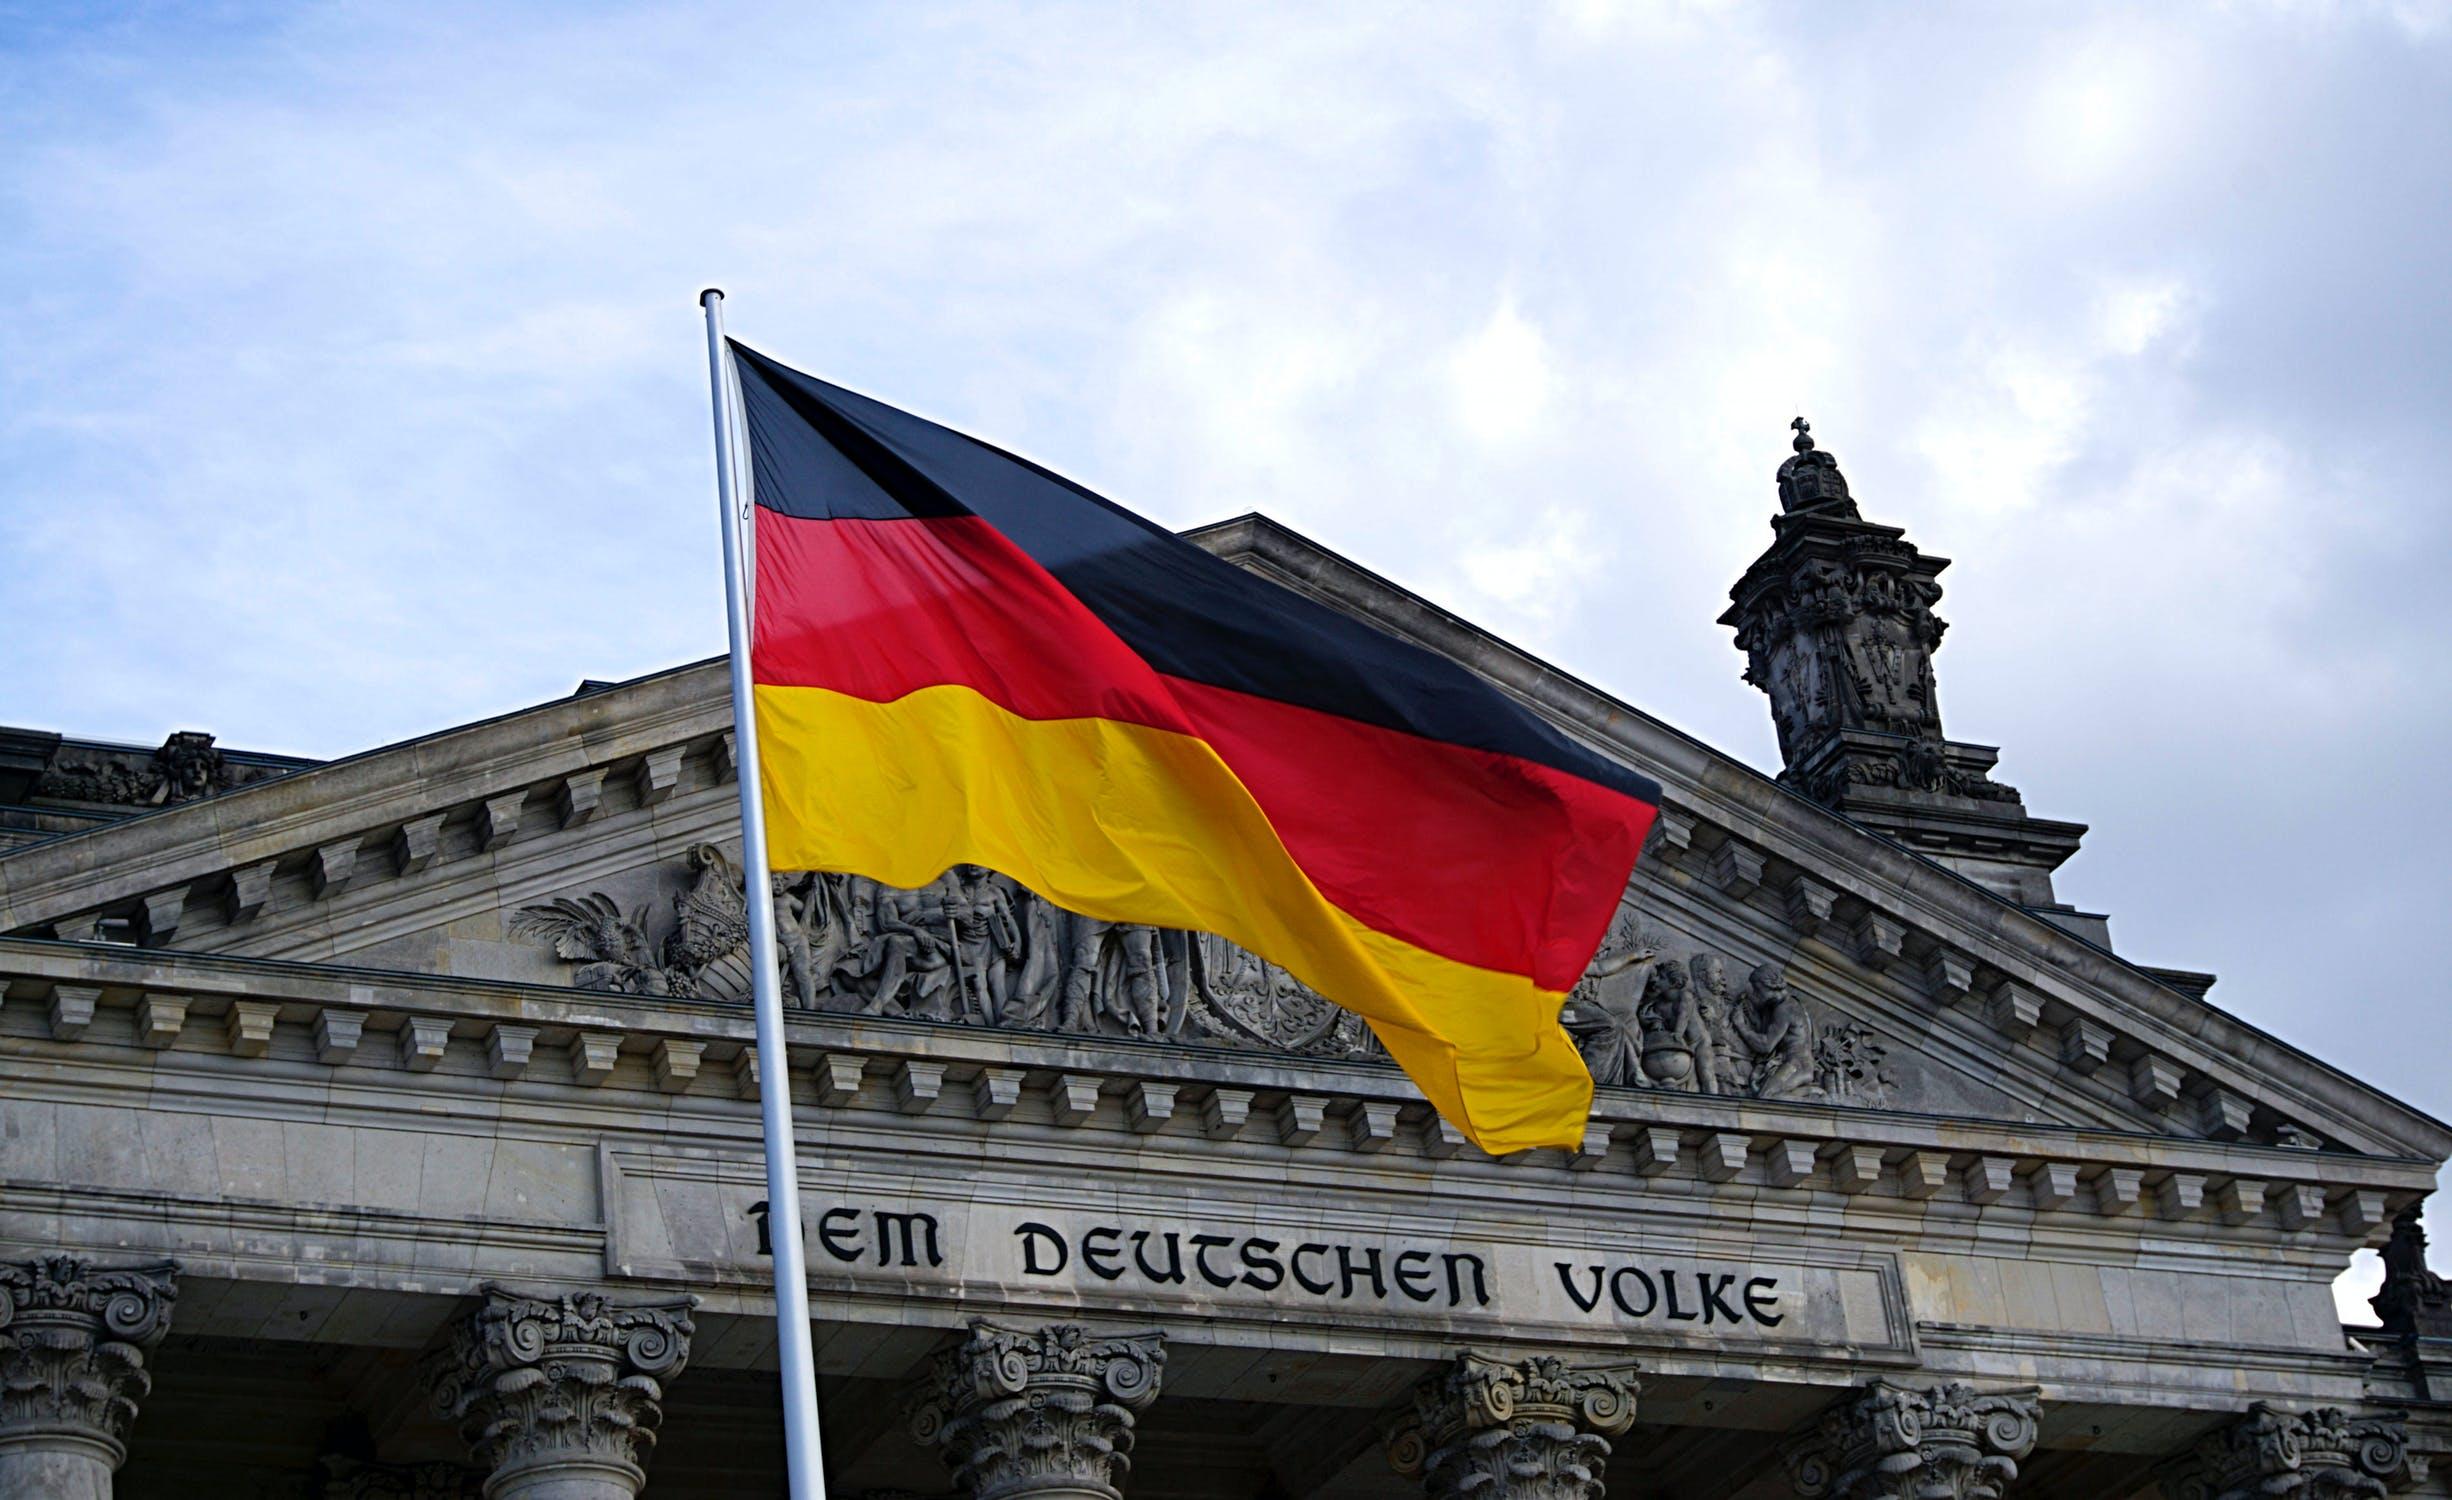 IMAGEM: Alemanha proíbe Sturmbrigade 44, grupo neonazista